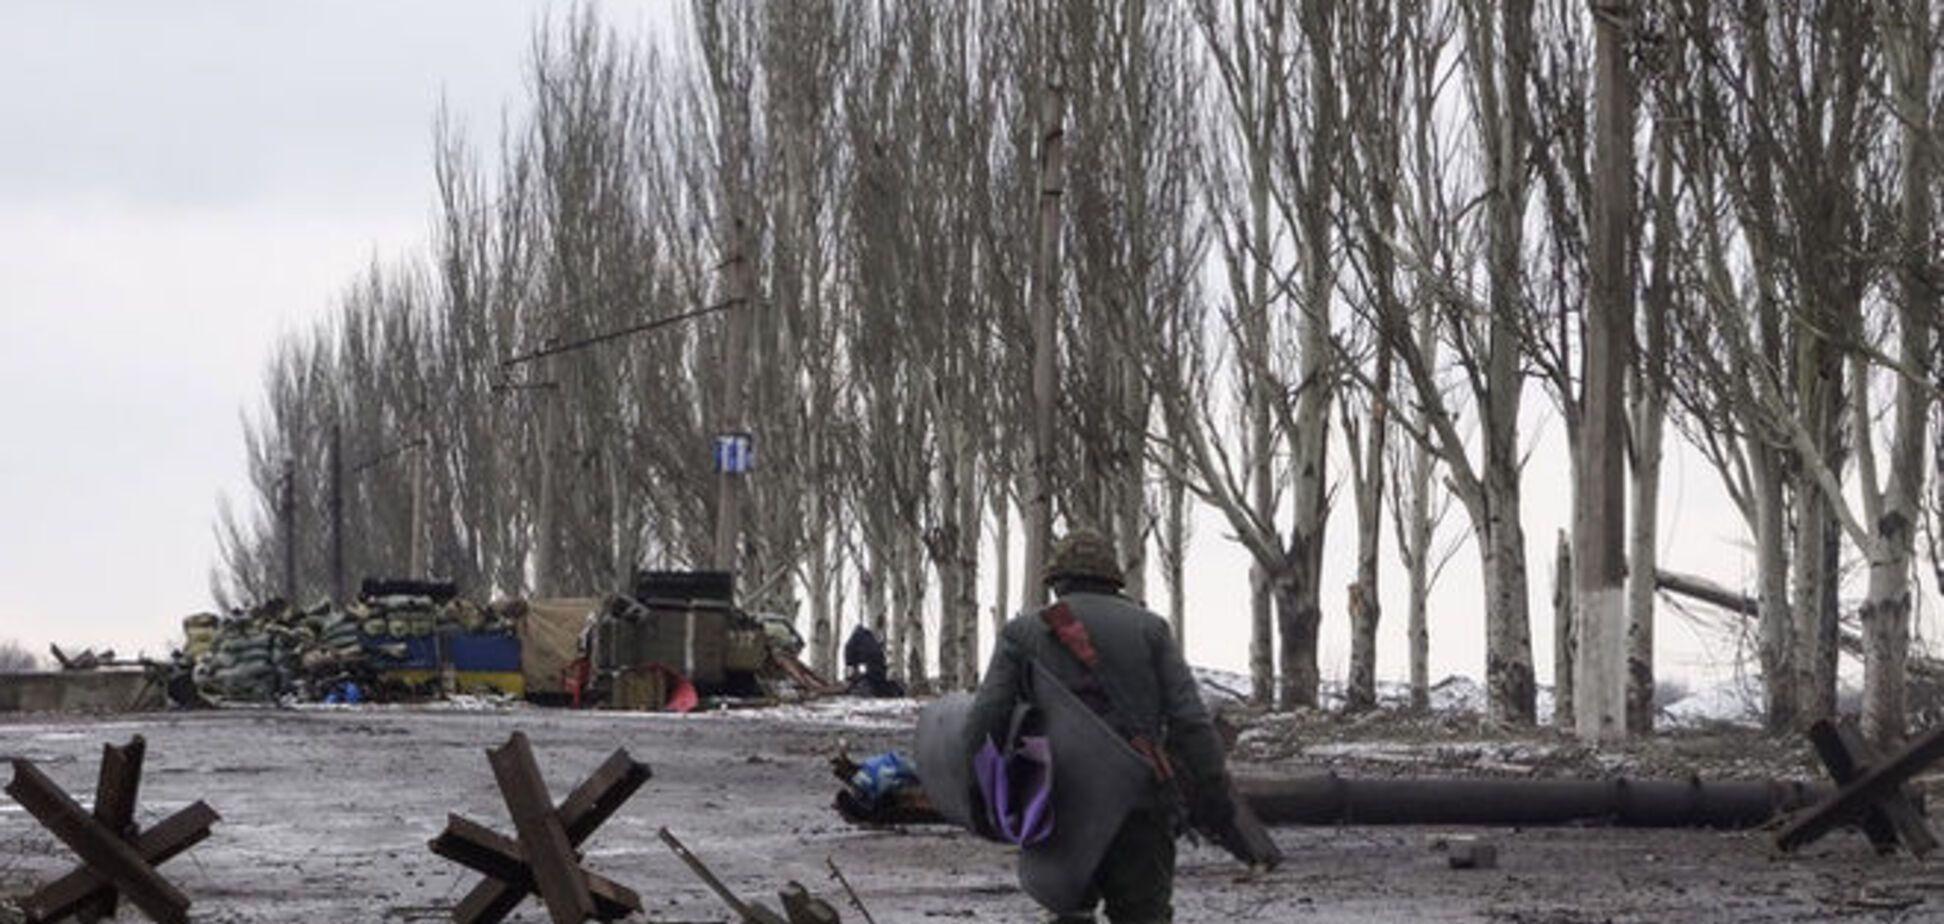 Мирный житель получил ранение во время обстрела террористами Широкино